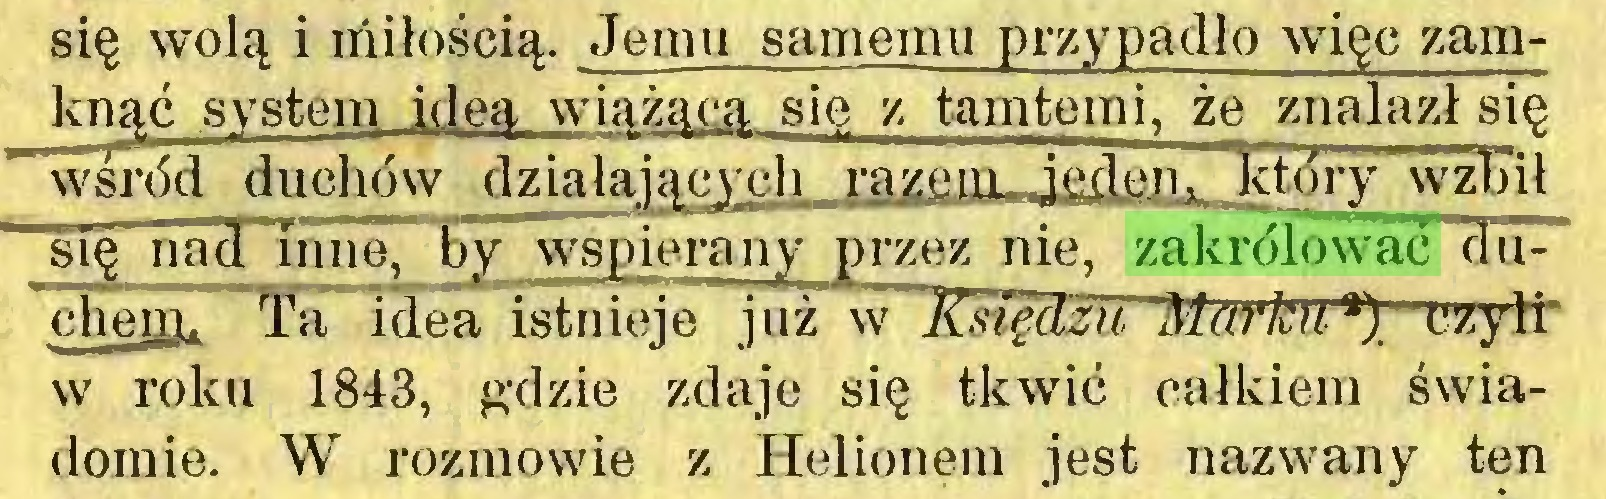 (...) się wolą i miłością. Jemu samemu przypadło więc zamknąć system idea wiążącą się z tamtemi, że znalazł się wśród duchów działających razem ieden . który wźTnł się nad inne, by wspierany przez nie, zakrólować duch erą. Ta idea istnieje już w Księdzu Markua)' czyli' w roku 1843, gdzie zdaje się tkwić całkiem świadomie. W rozmowie z Helionem jest nazwany ten...